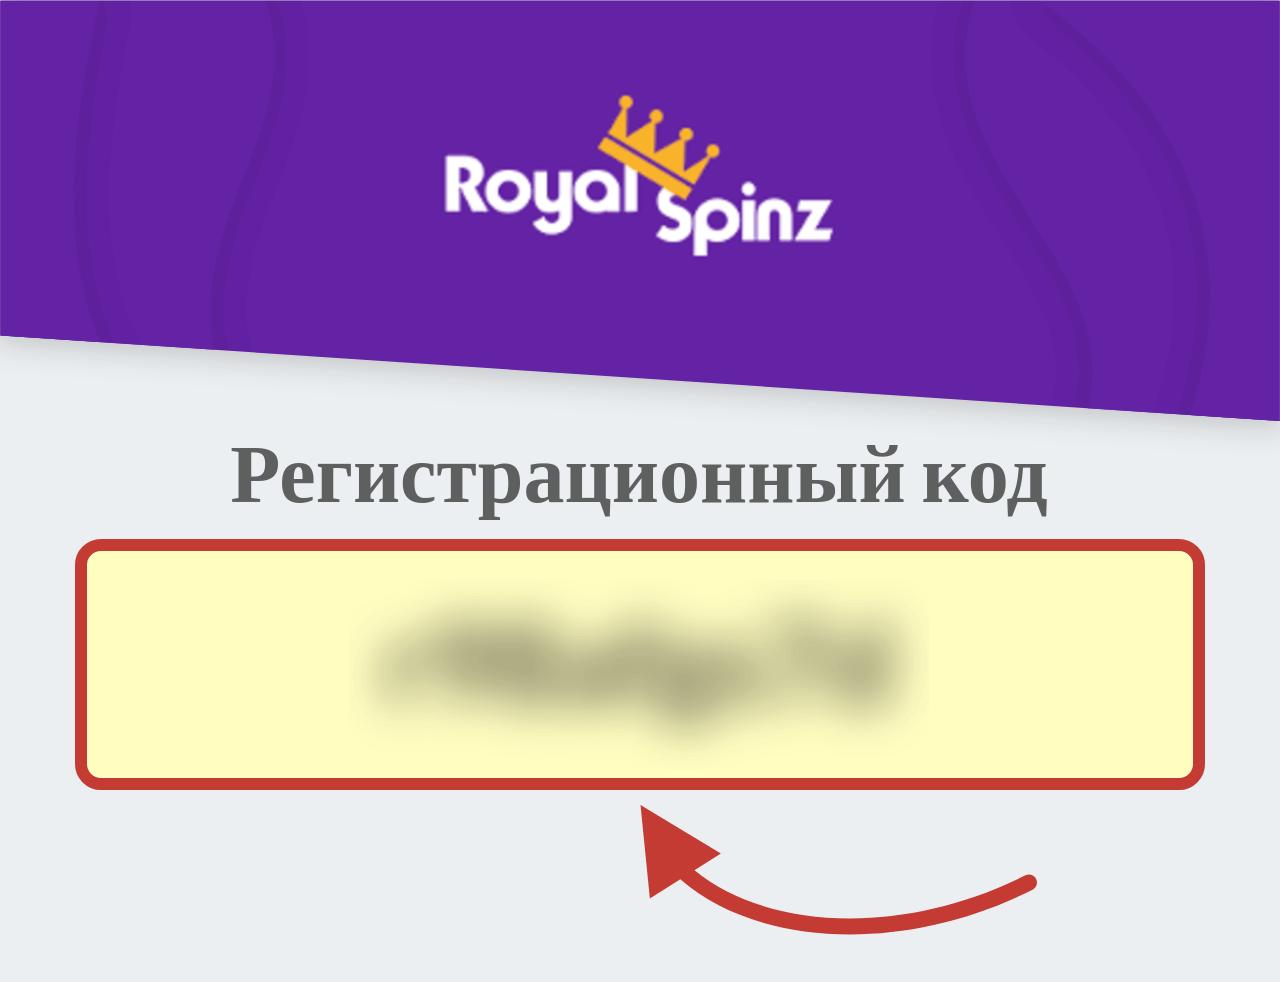 RoyalSpinz Казино Регистрационный Код